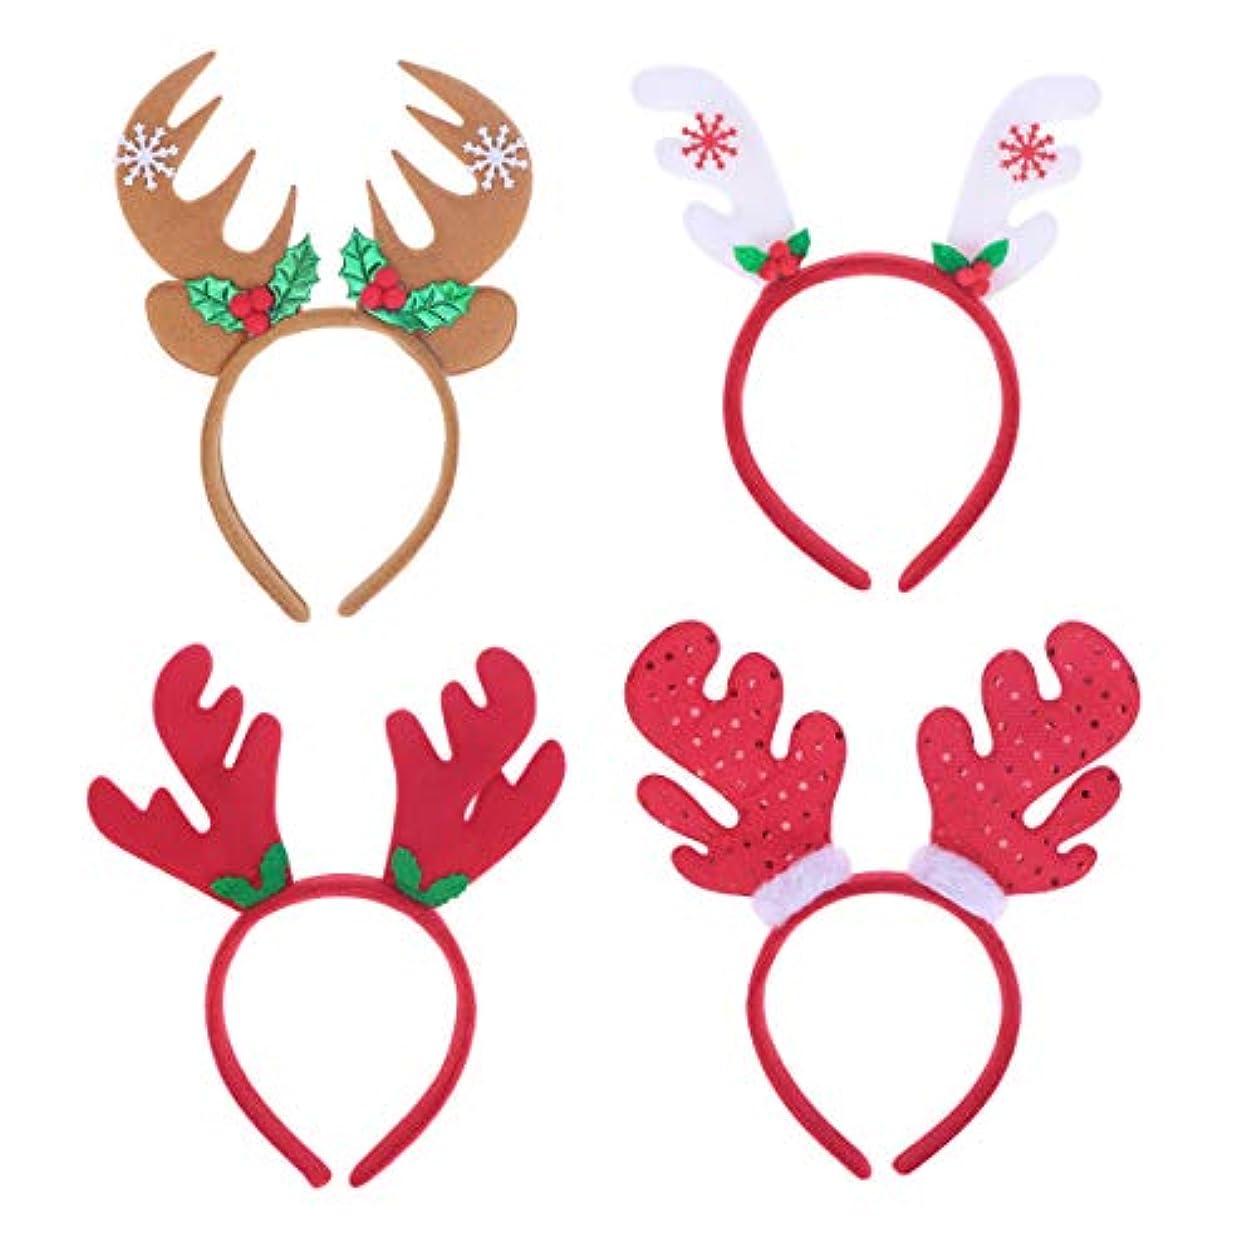 不足恐ろしいですかみそりLurrose 4ピースクリスマスヘッドバンドサンタ帽子トナカイアントラーヘッドバンドヘアフープヘッドドレス帽子クリスマス衣装ヘアアクセサリー用大人の子供女の子